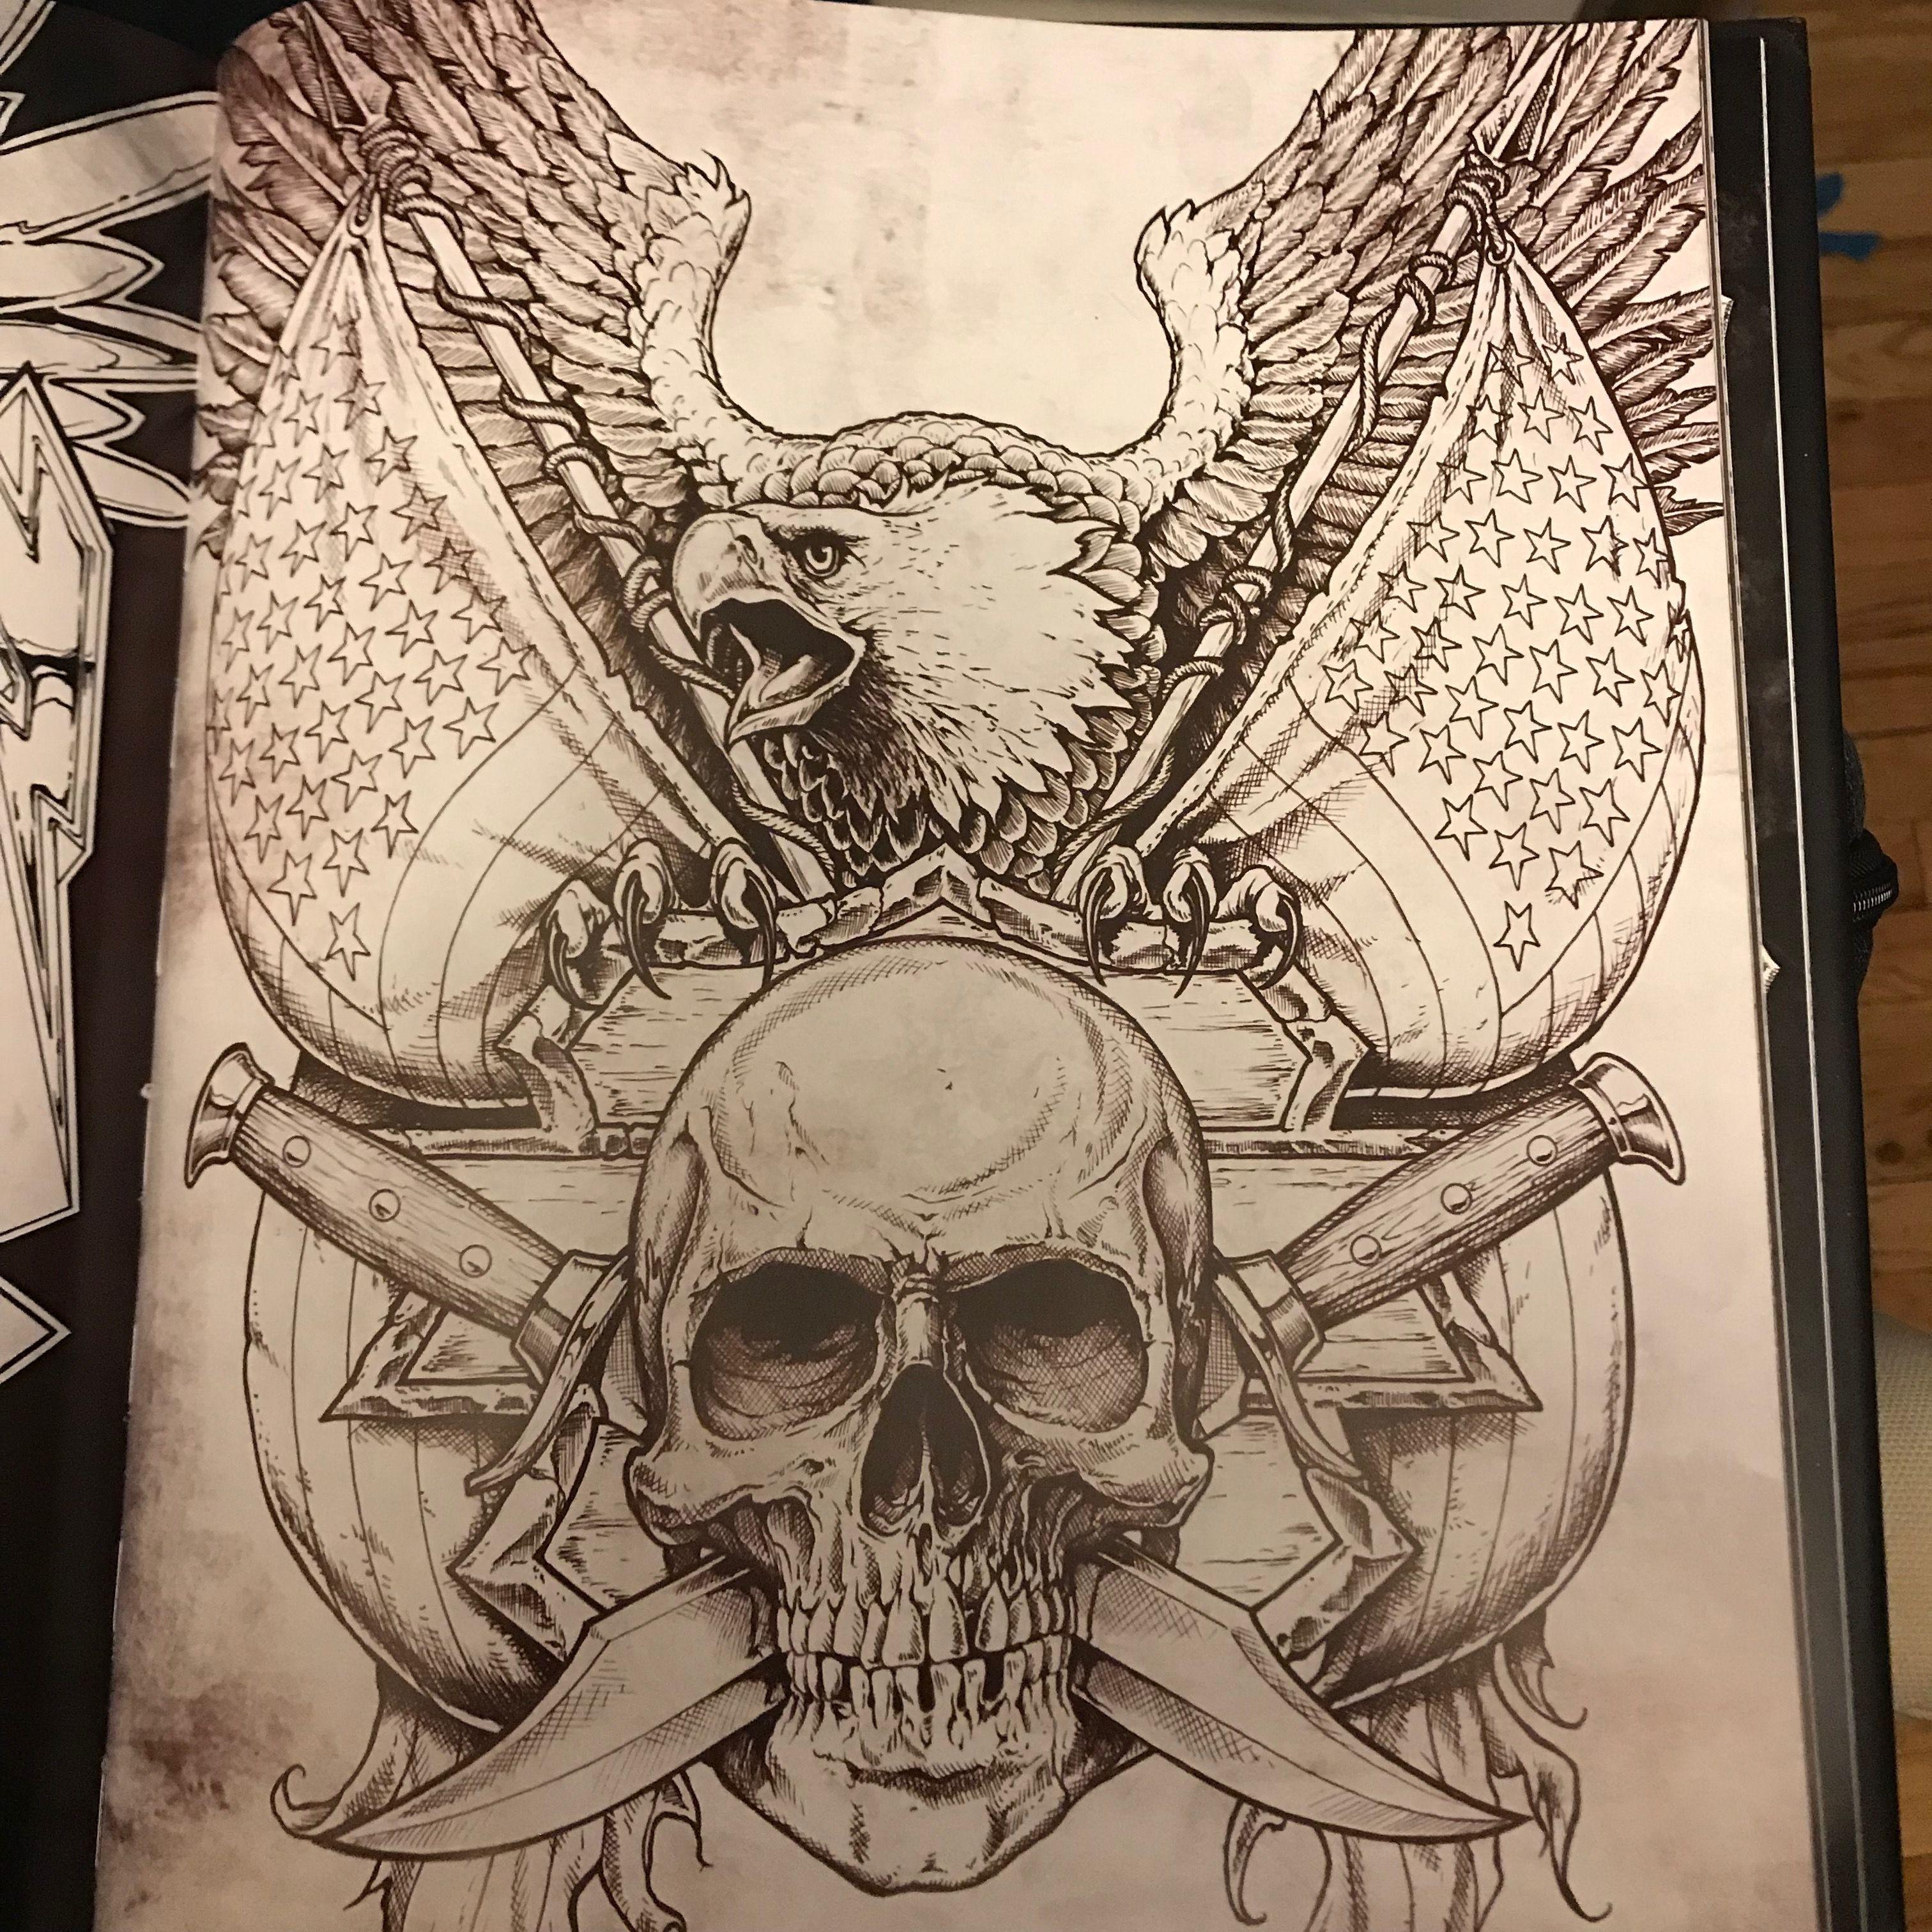 Affliction Eagle And Skull Illustration By Dan Scholz Skull Eagle Affliction Skull Illustration Eagle Skull Skull